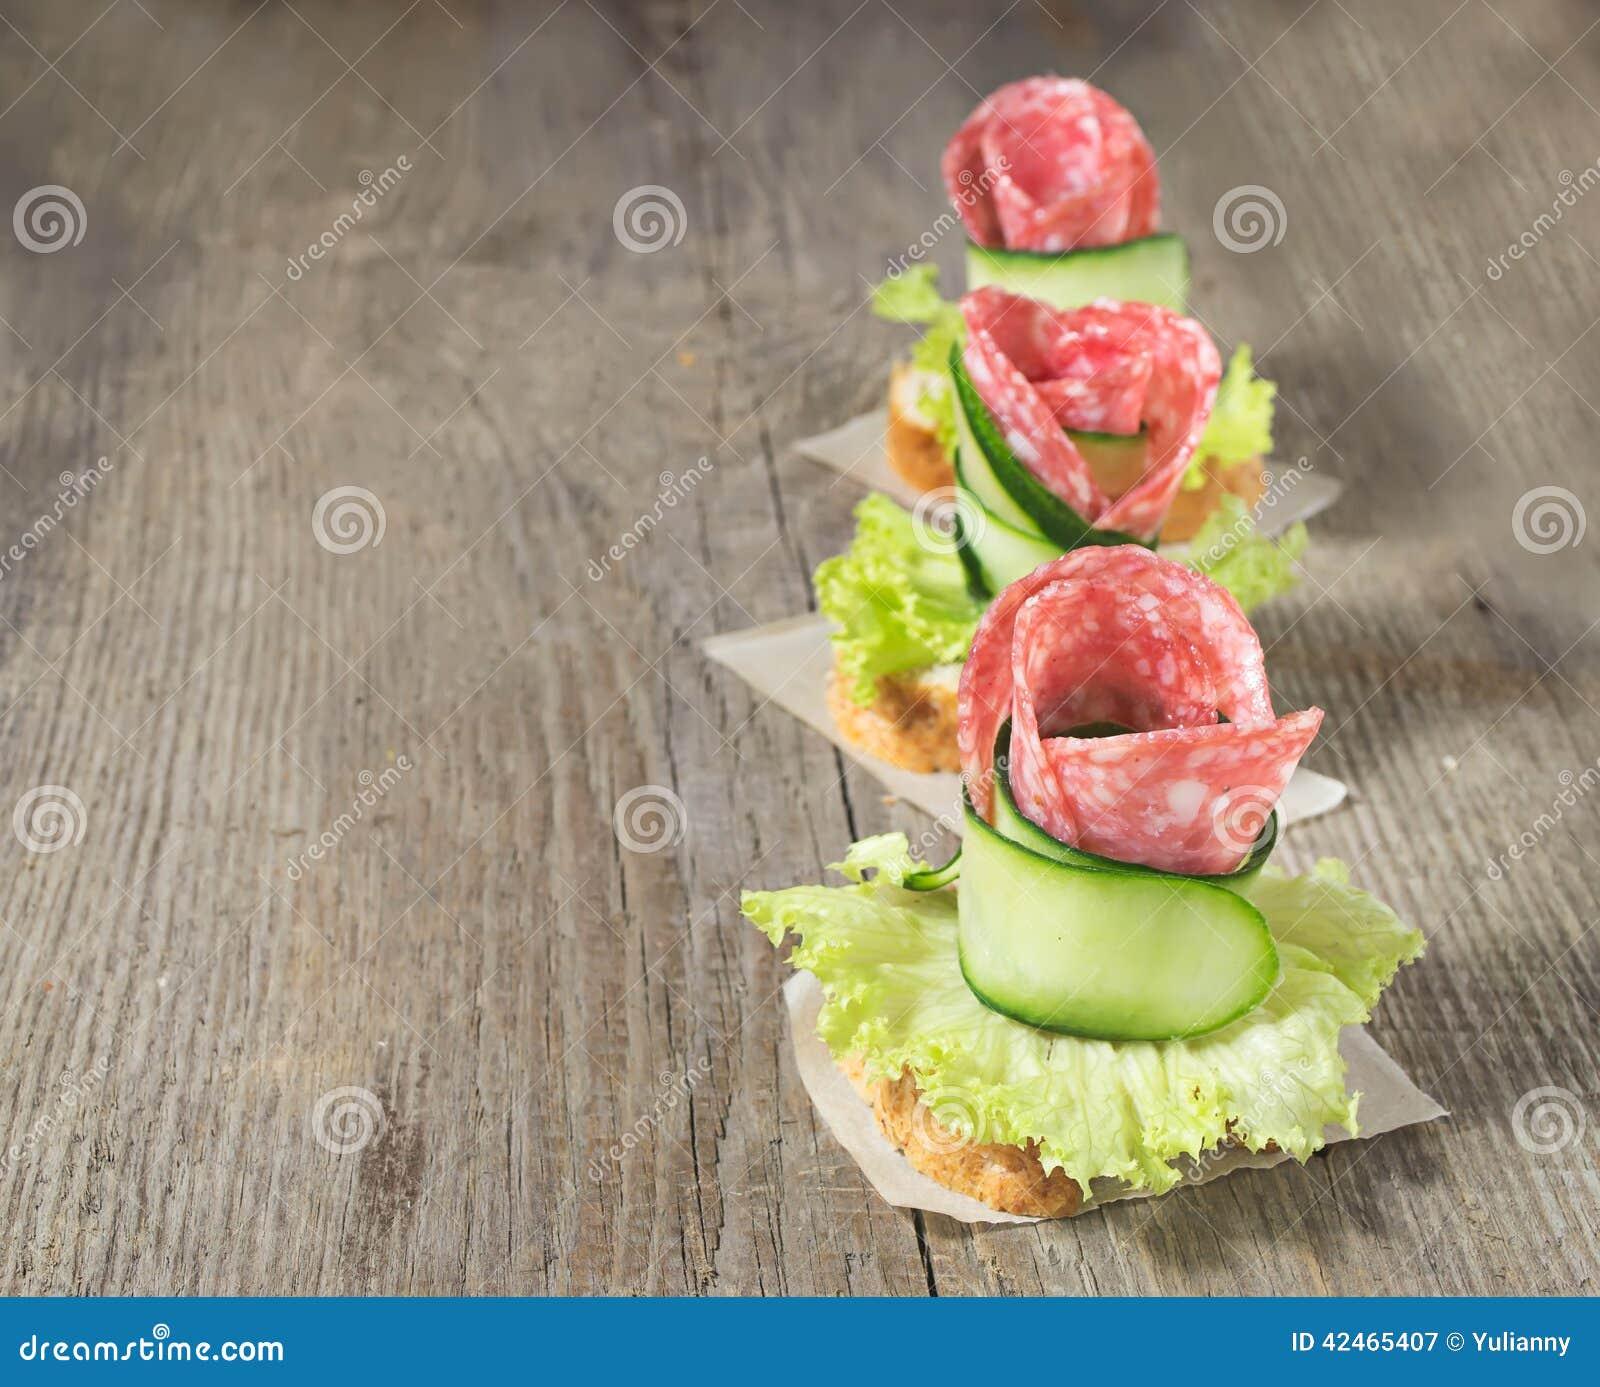 Canape mit Salami, Gurke und Salat auf Holztisch